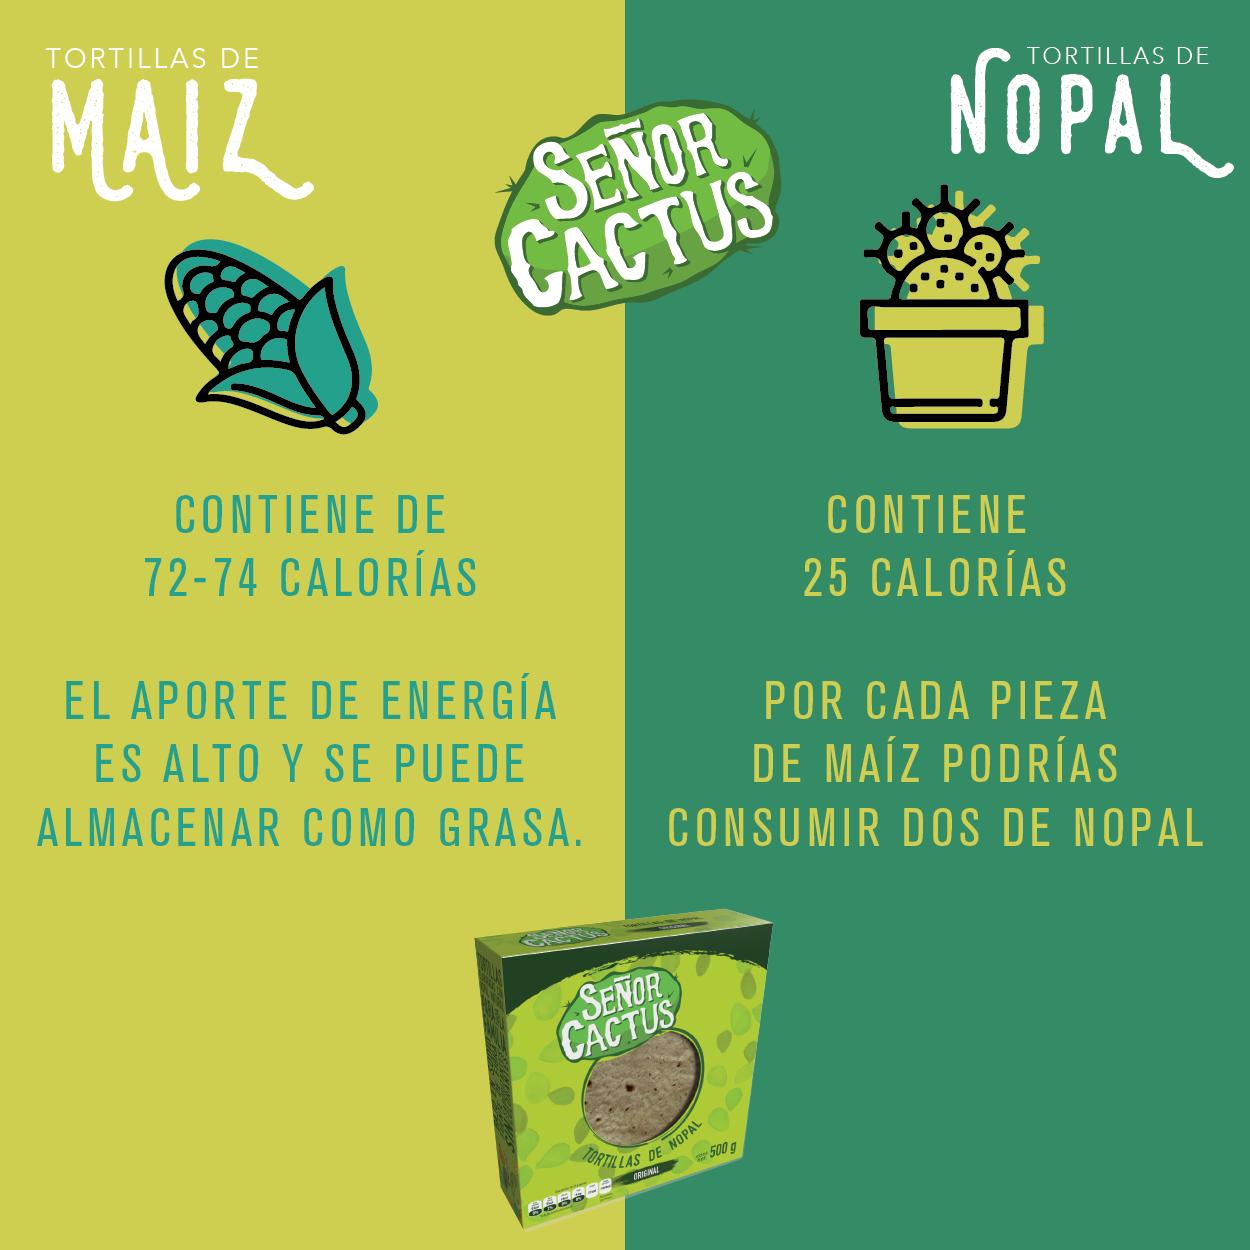 Una Tortilla De Maiz Equivale A Dos Tortillas De Nopal Senor Cactus Pruebalas Tortilla De Nopal Tortilla De Maiz Nopal